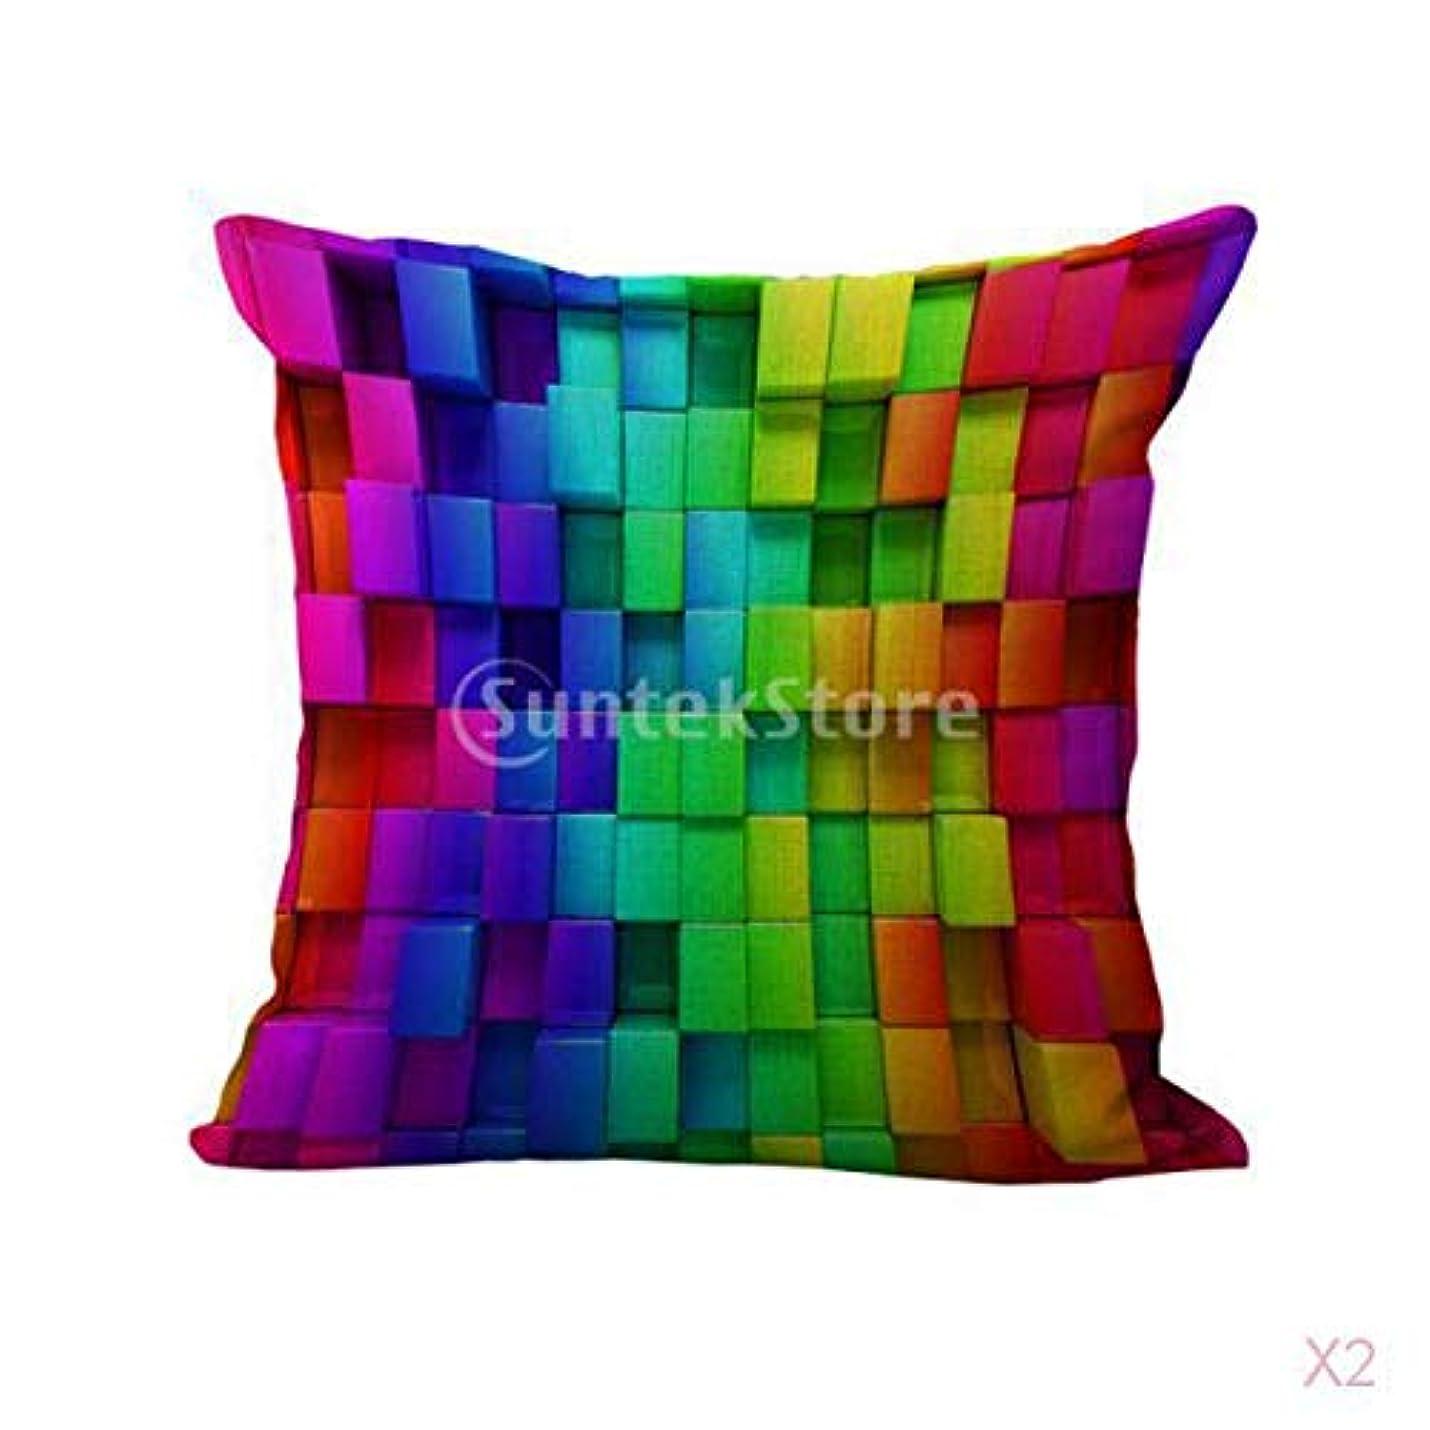 重力に慣れ雑多な織グリッドプリントコットンリネンスローピローケース虹クッションカバー装飾